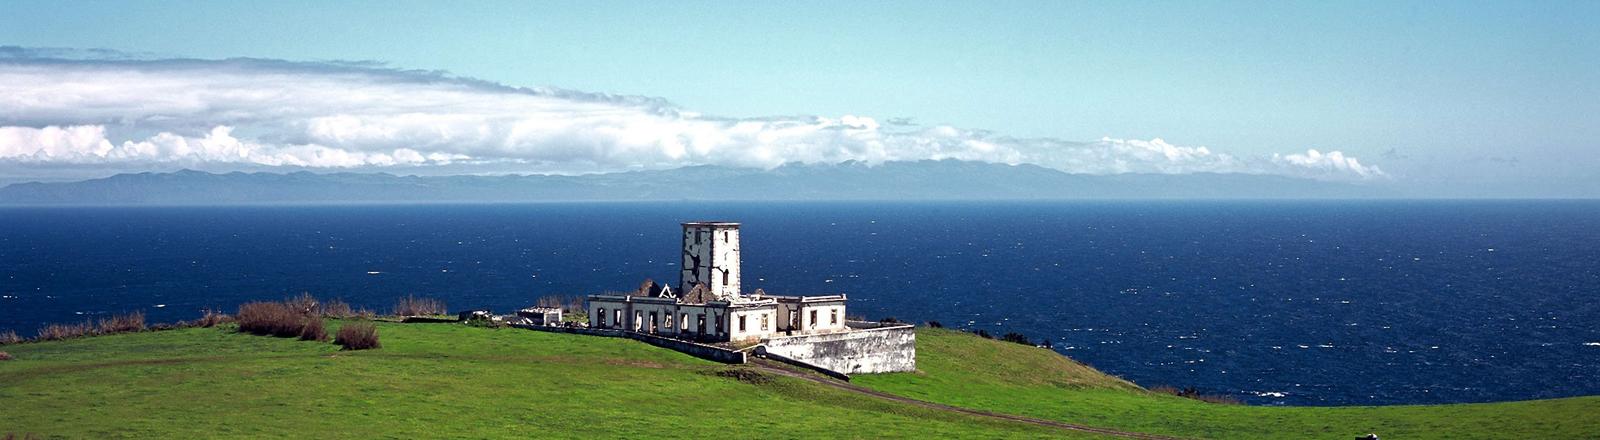 Die Azoren-Insel Faial. Da war Anky Brandt Wale retten. Tapfertyp